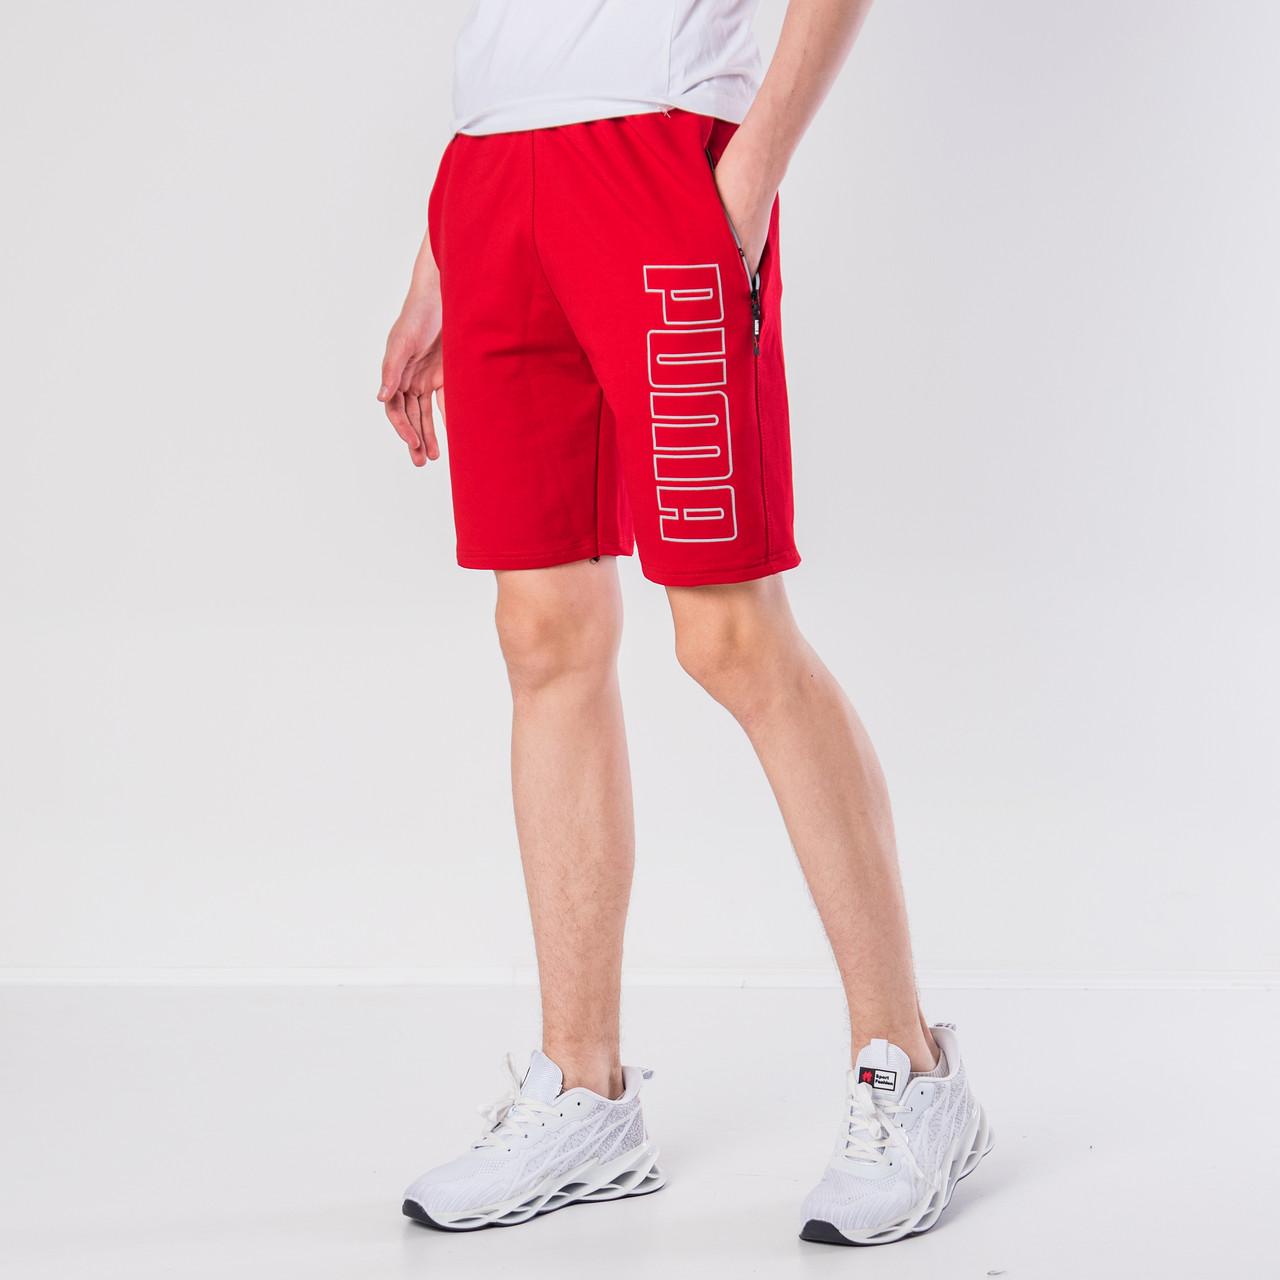 Мужские трикотажные шорты Puma, красного цвета.